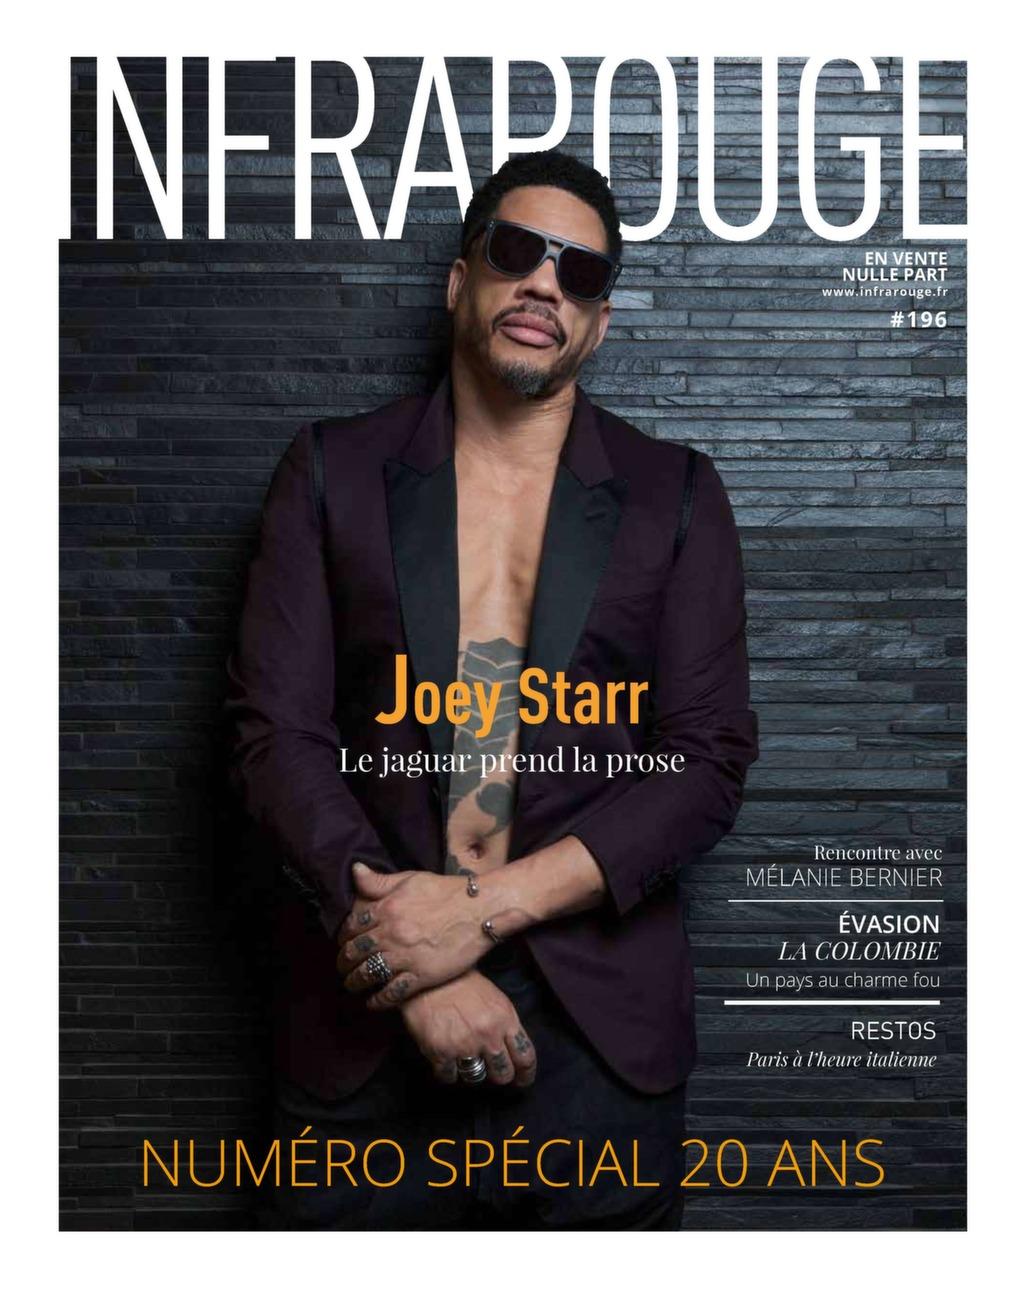 Couverture de magazine du mois de Mars 2018